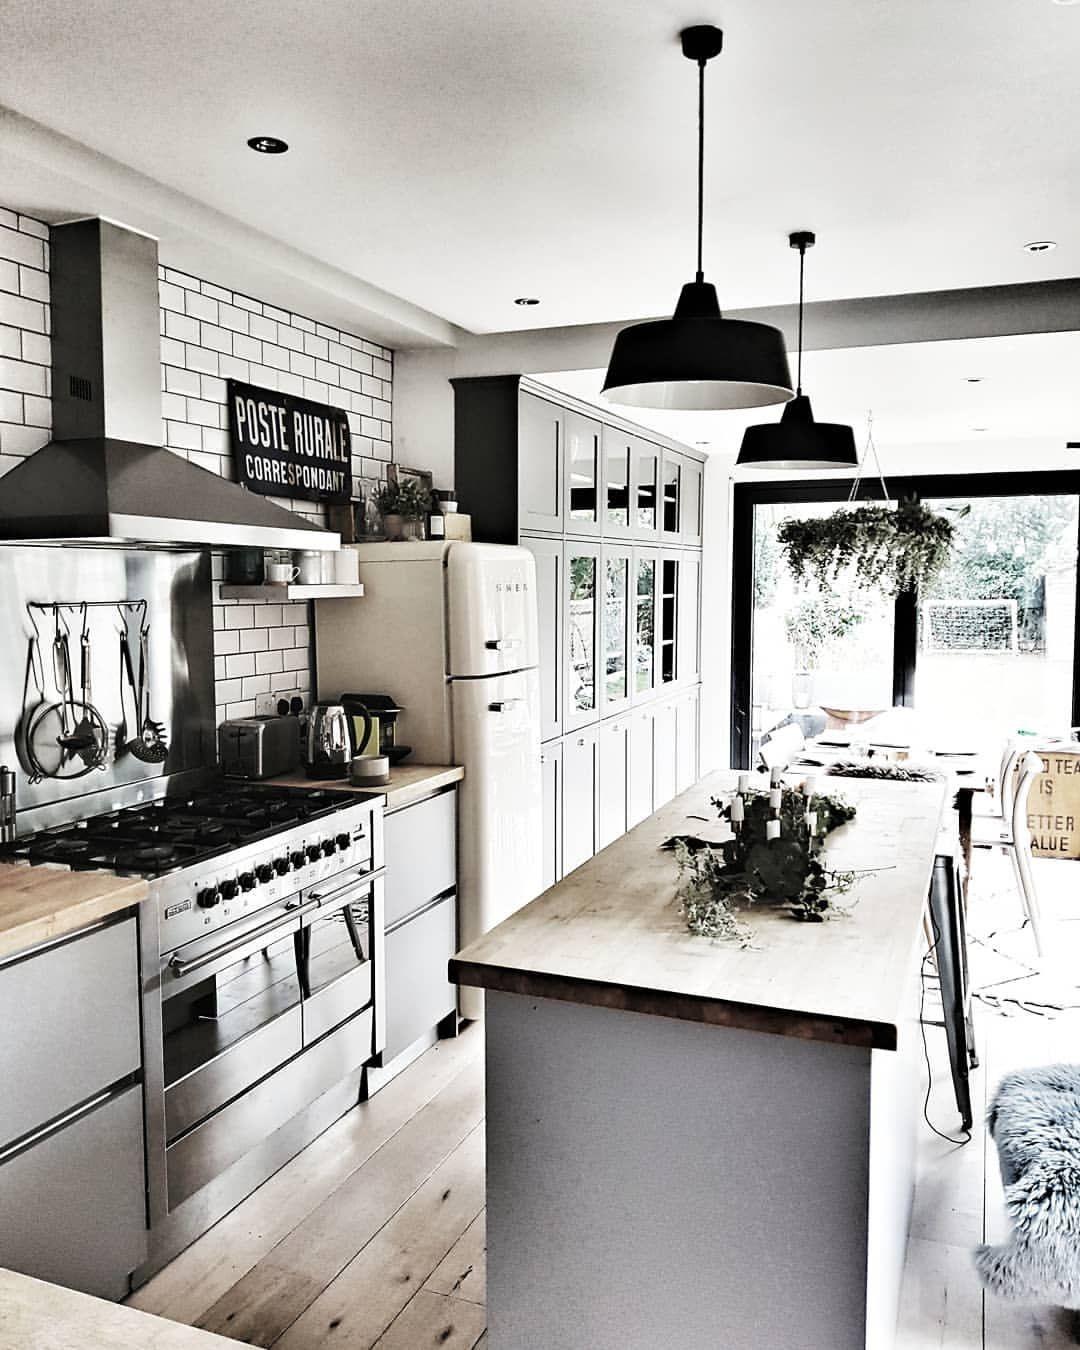 Pin von Liz Allen auf For the Home | Pinterest | Küche, Renovierung ...